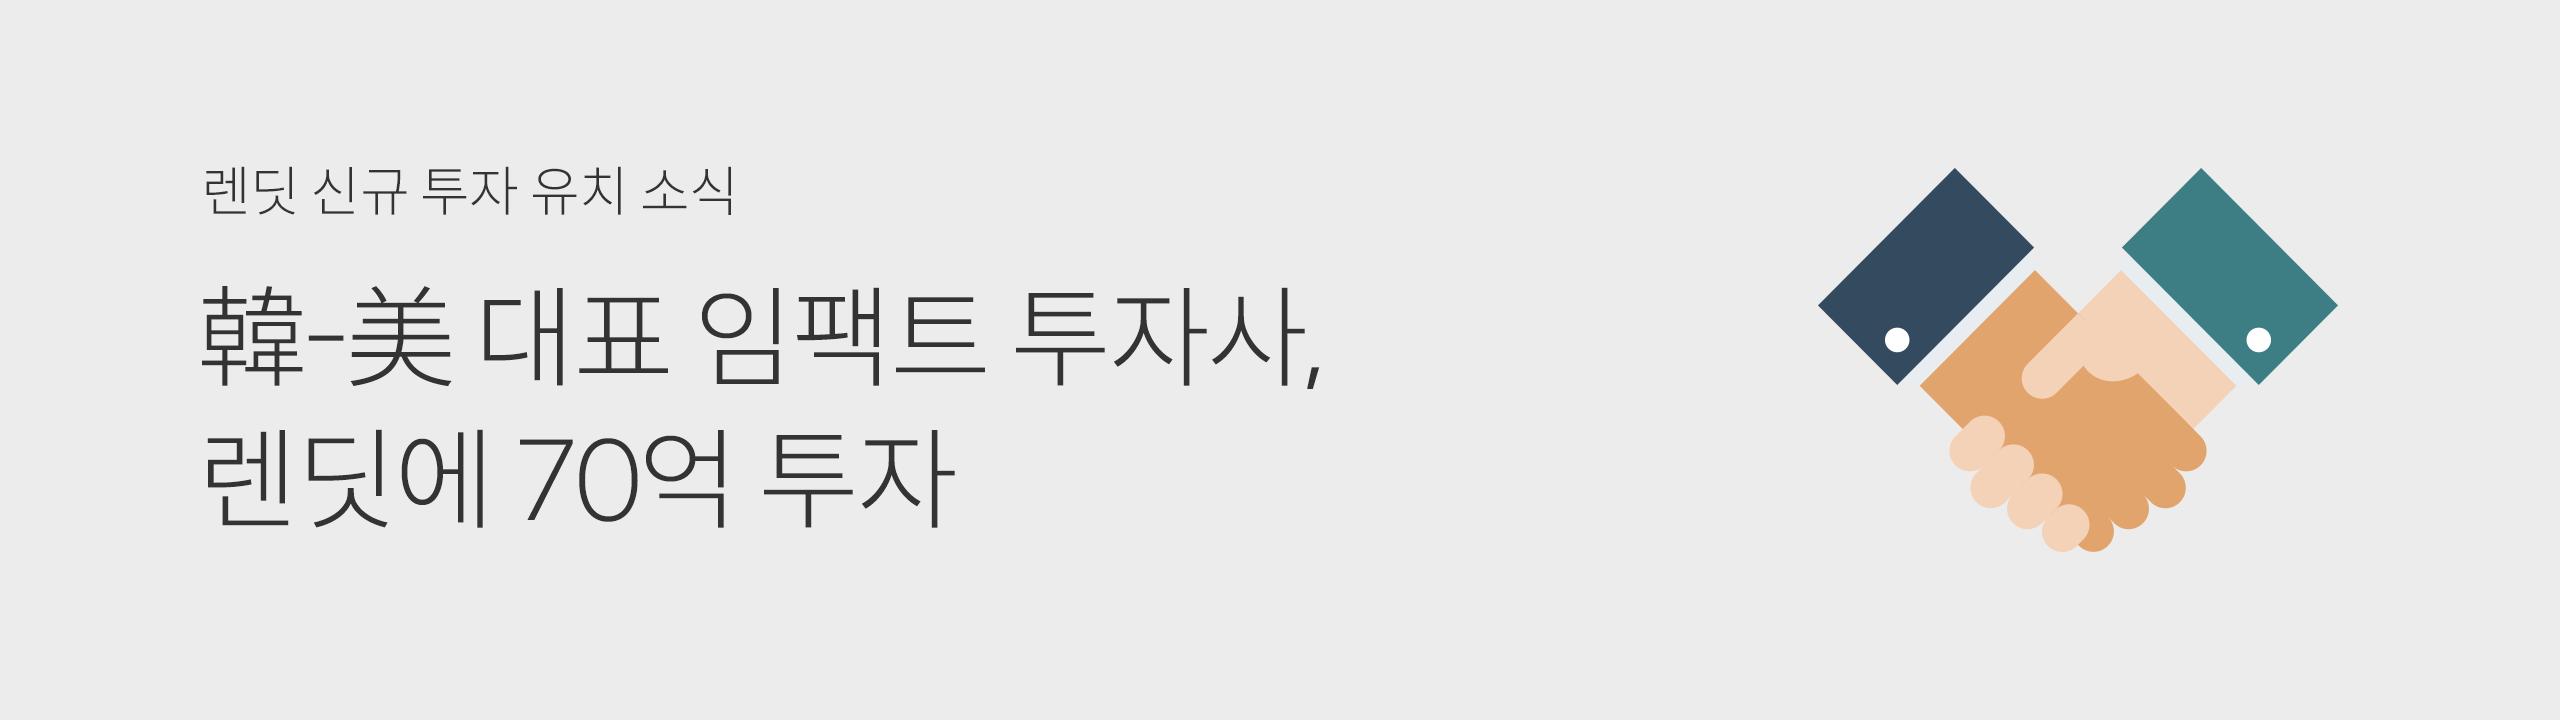 렌딧, 韓-美 대표 임팩트 투자사로부터 70억 원 투자 유치